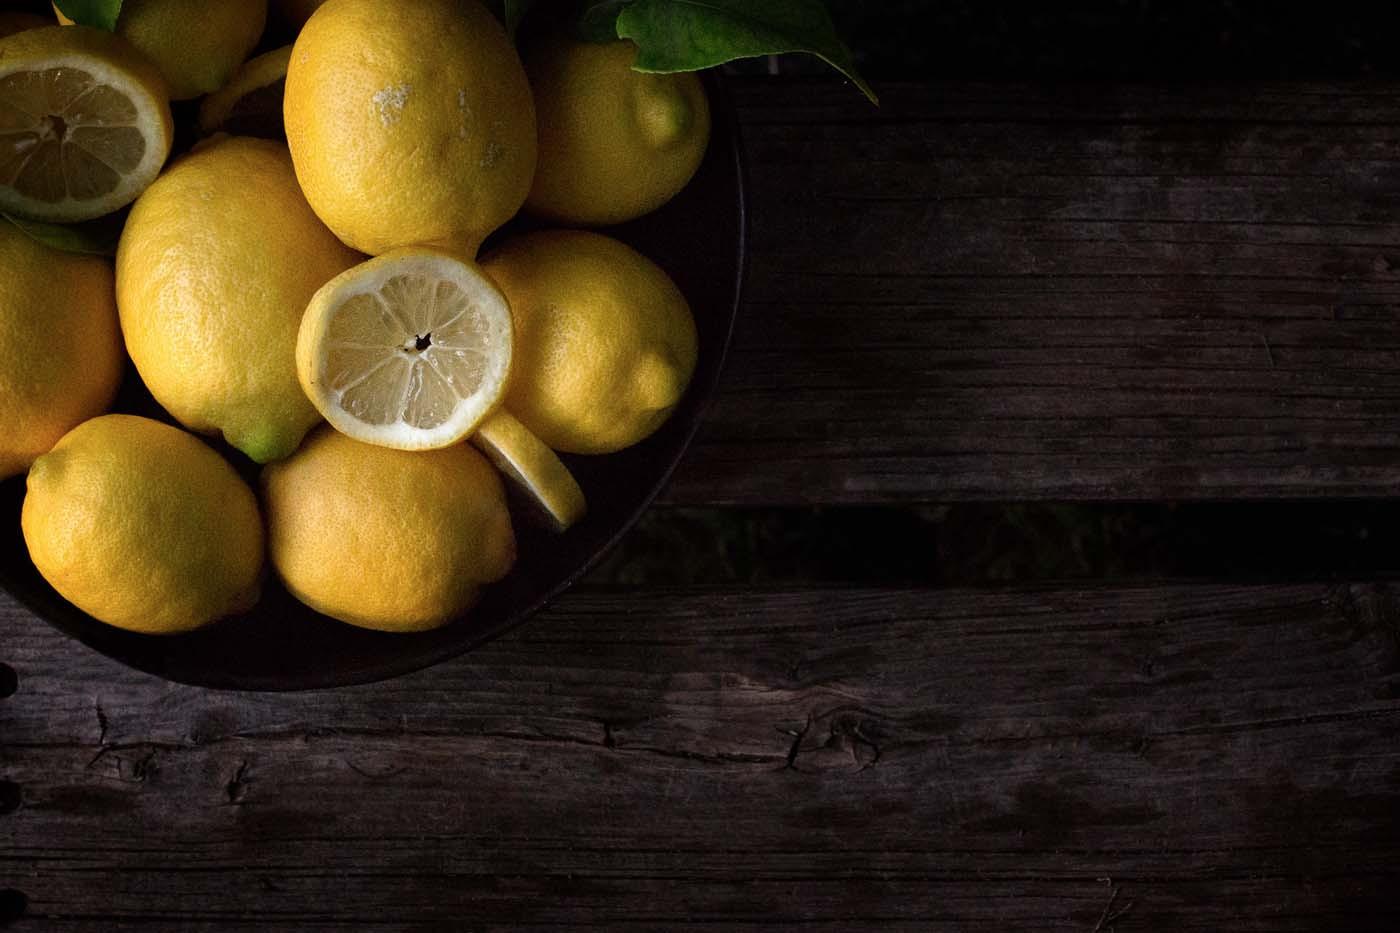 Lemons by Ashley Carlon